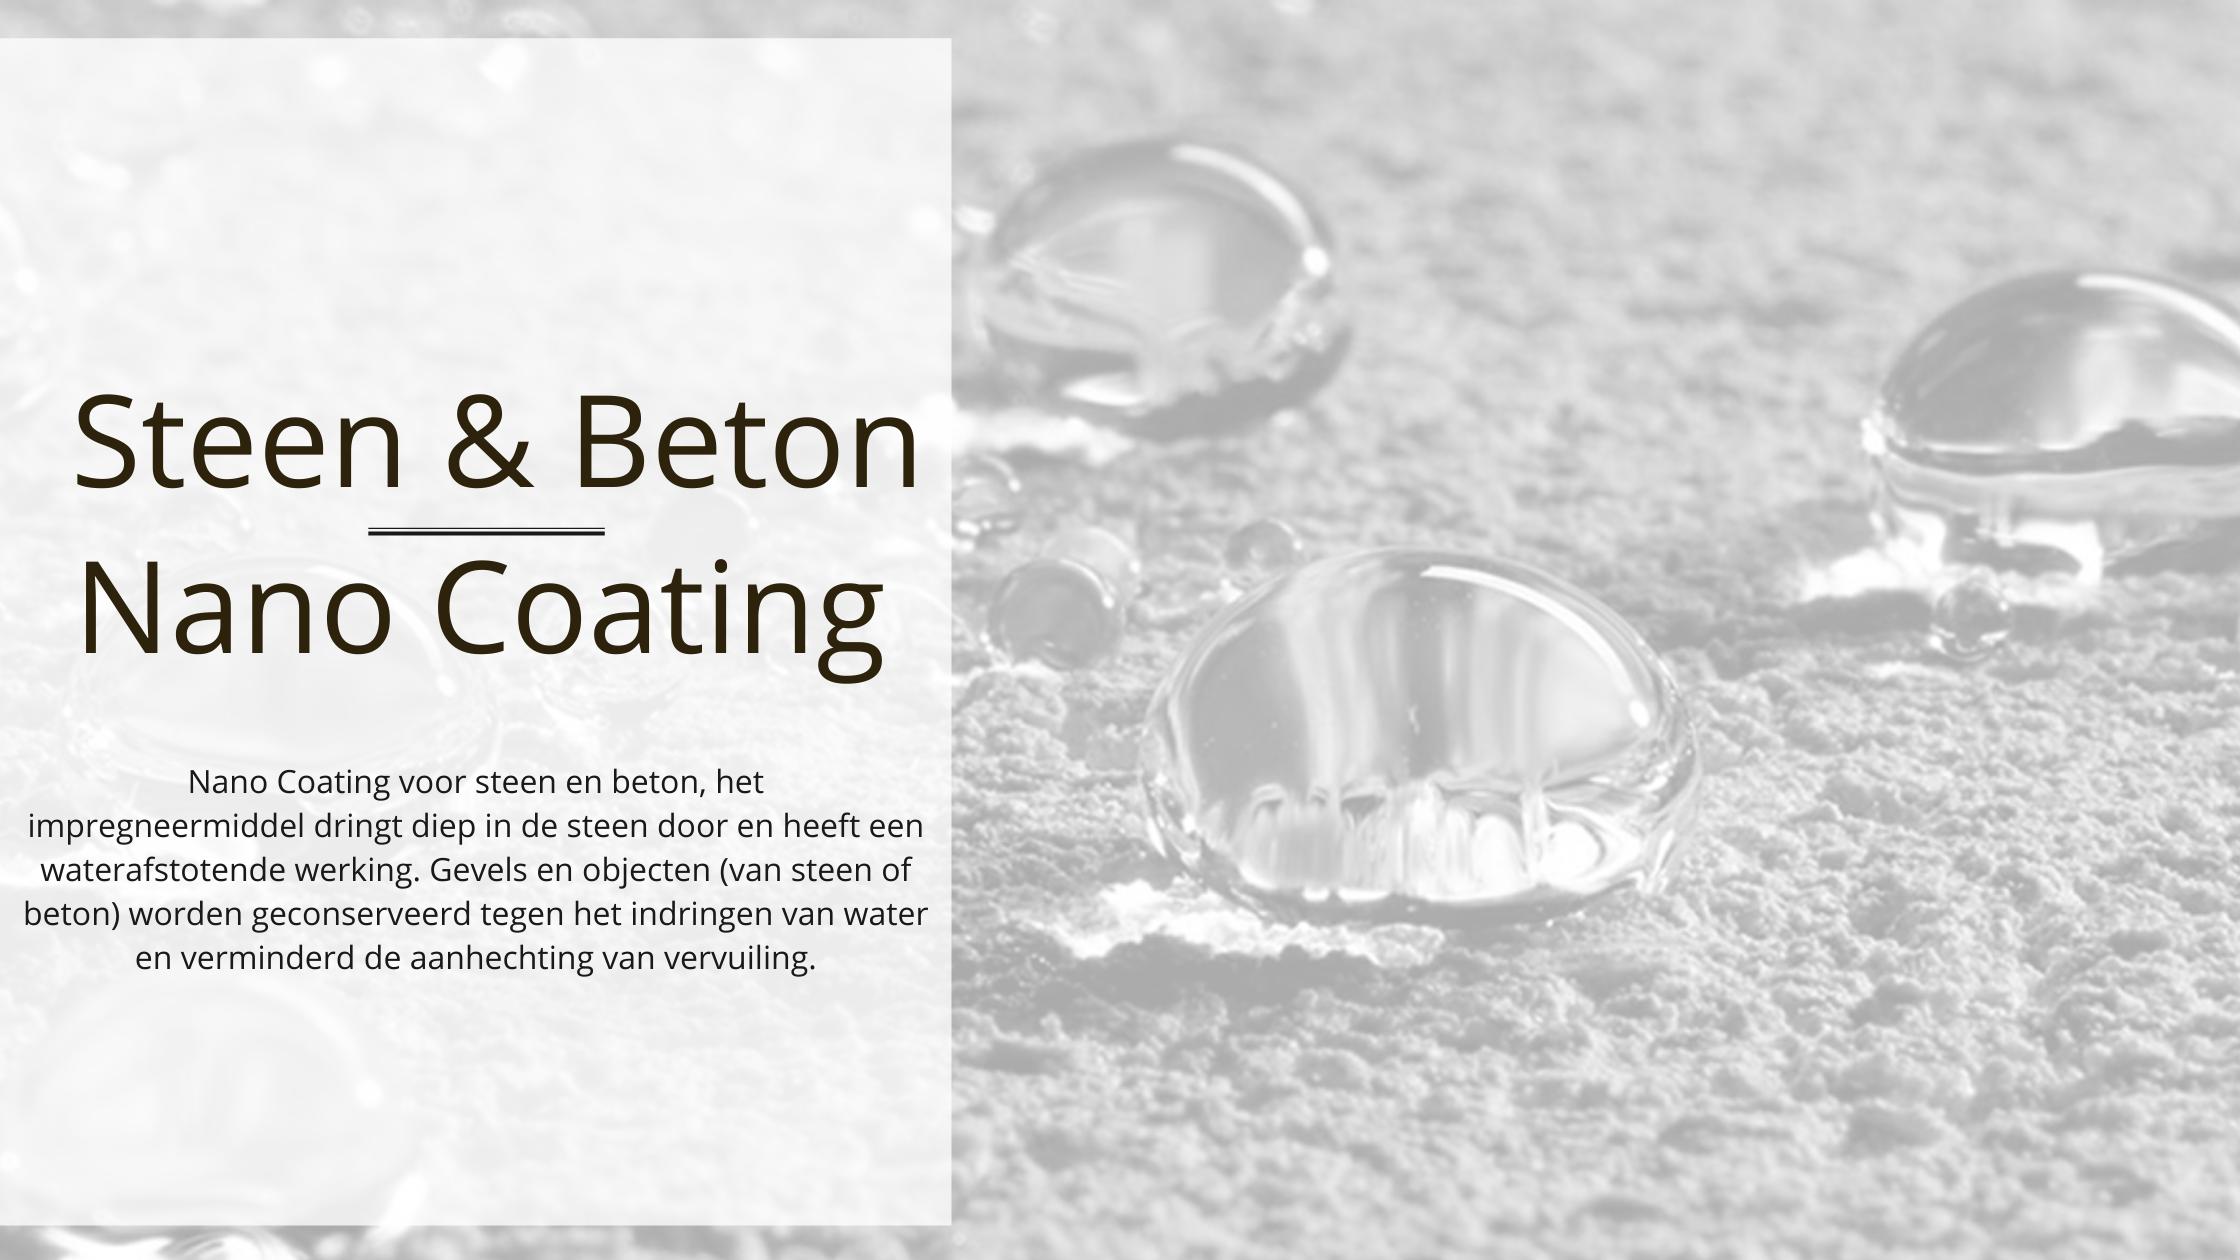 Nano Coating voor steen en beton, het impregneermiddel dringt diep in de steen door en heeft een waterafstotende werking. Gevels en objecten (van steen of beton) worden geconserveerd tegen het indringen van water en verminderd de aanhechting van vervuiling.